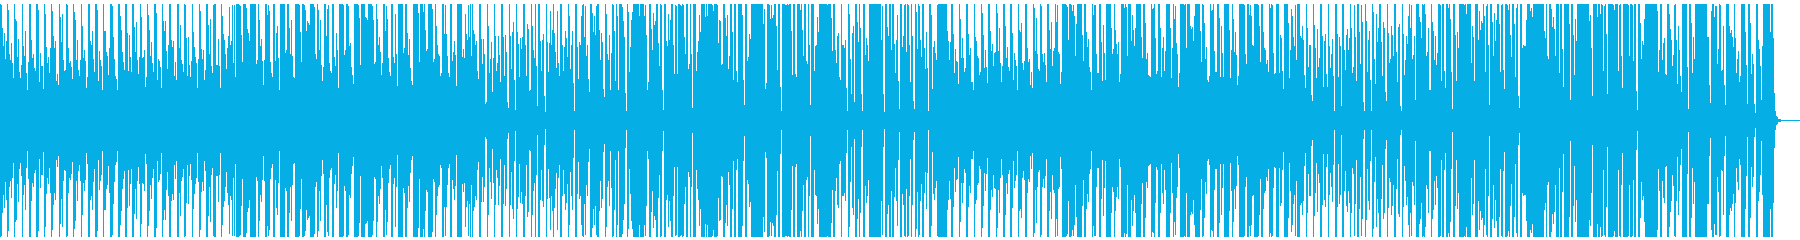 陽気なジプシー風BGMの再生済みの波形